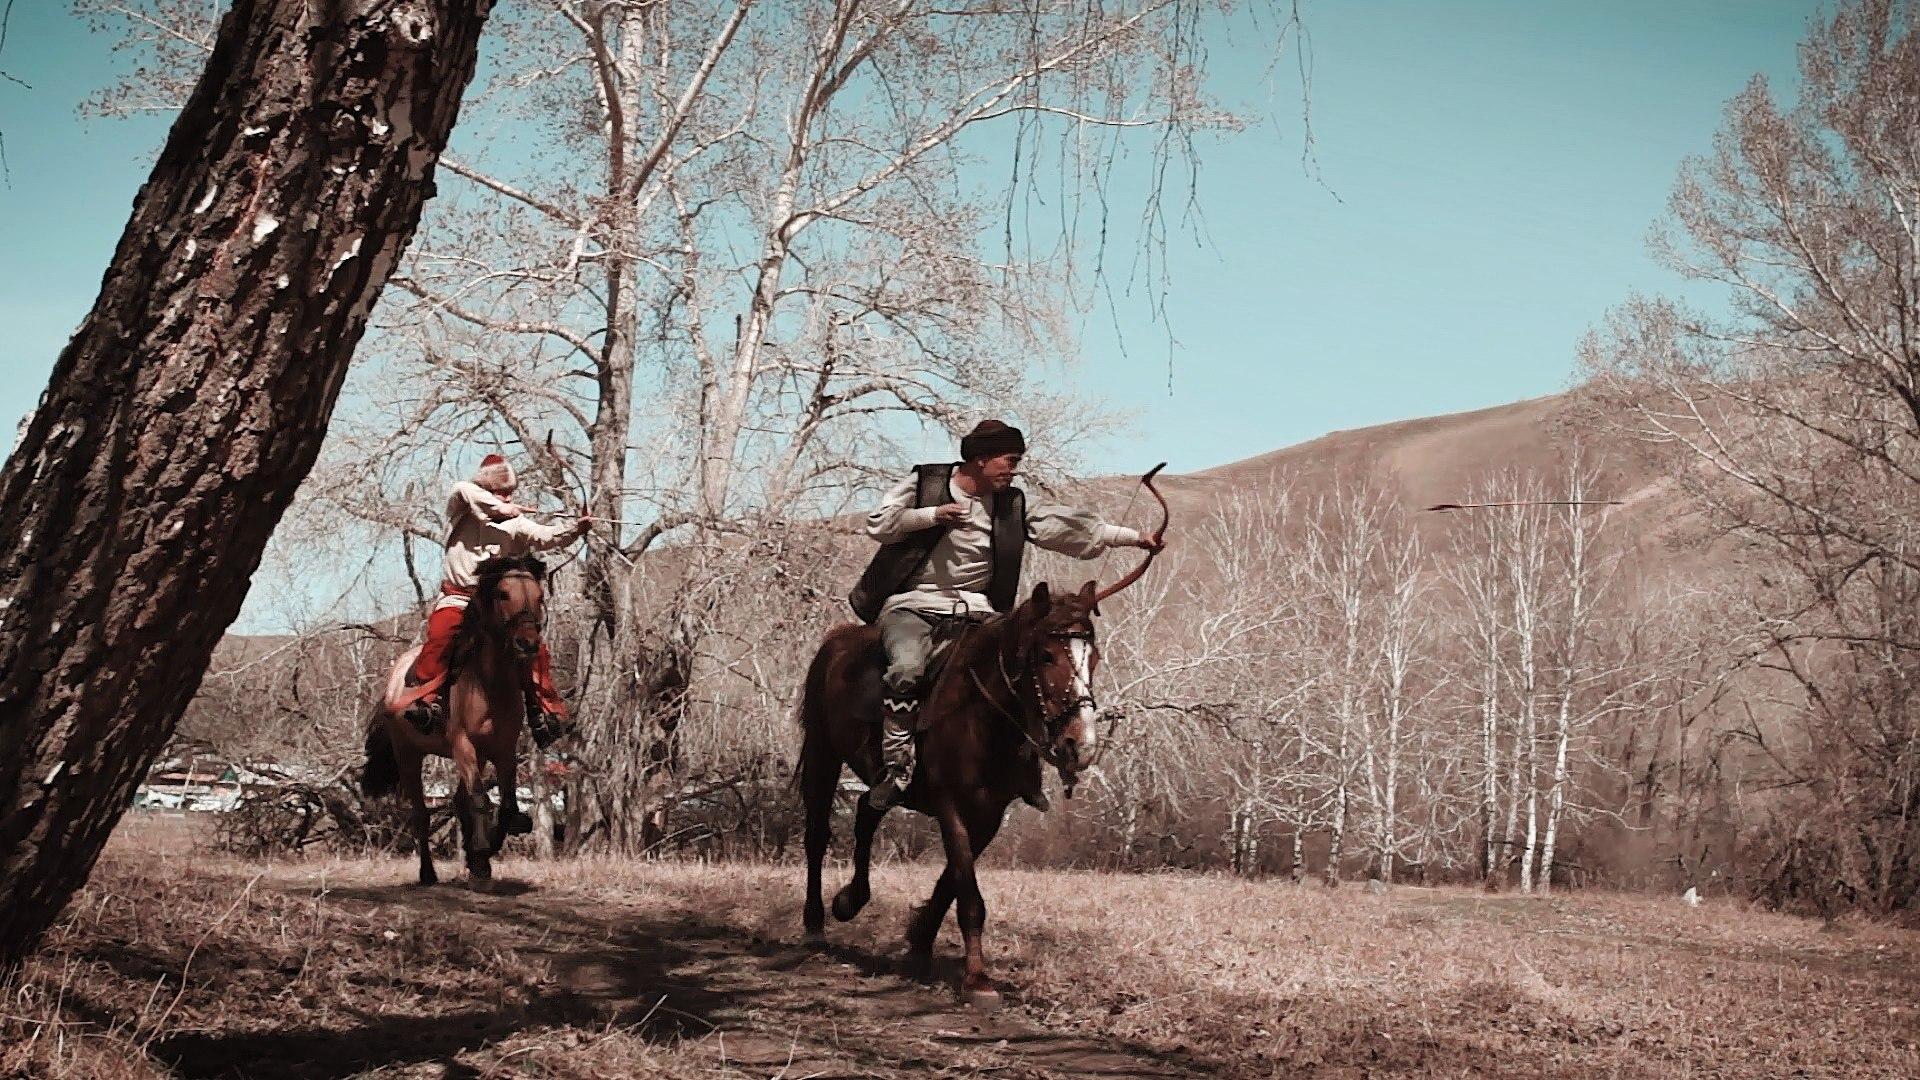 конно-верховая стрельба из традиционного лука